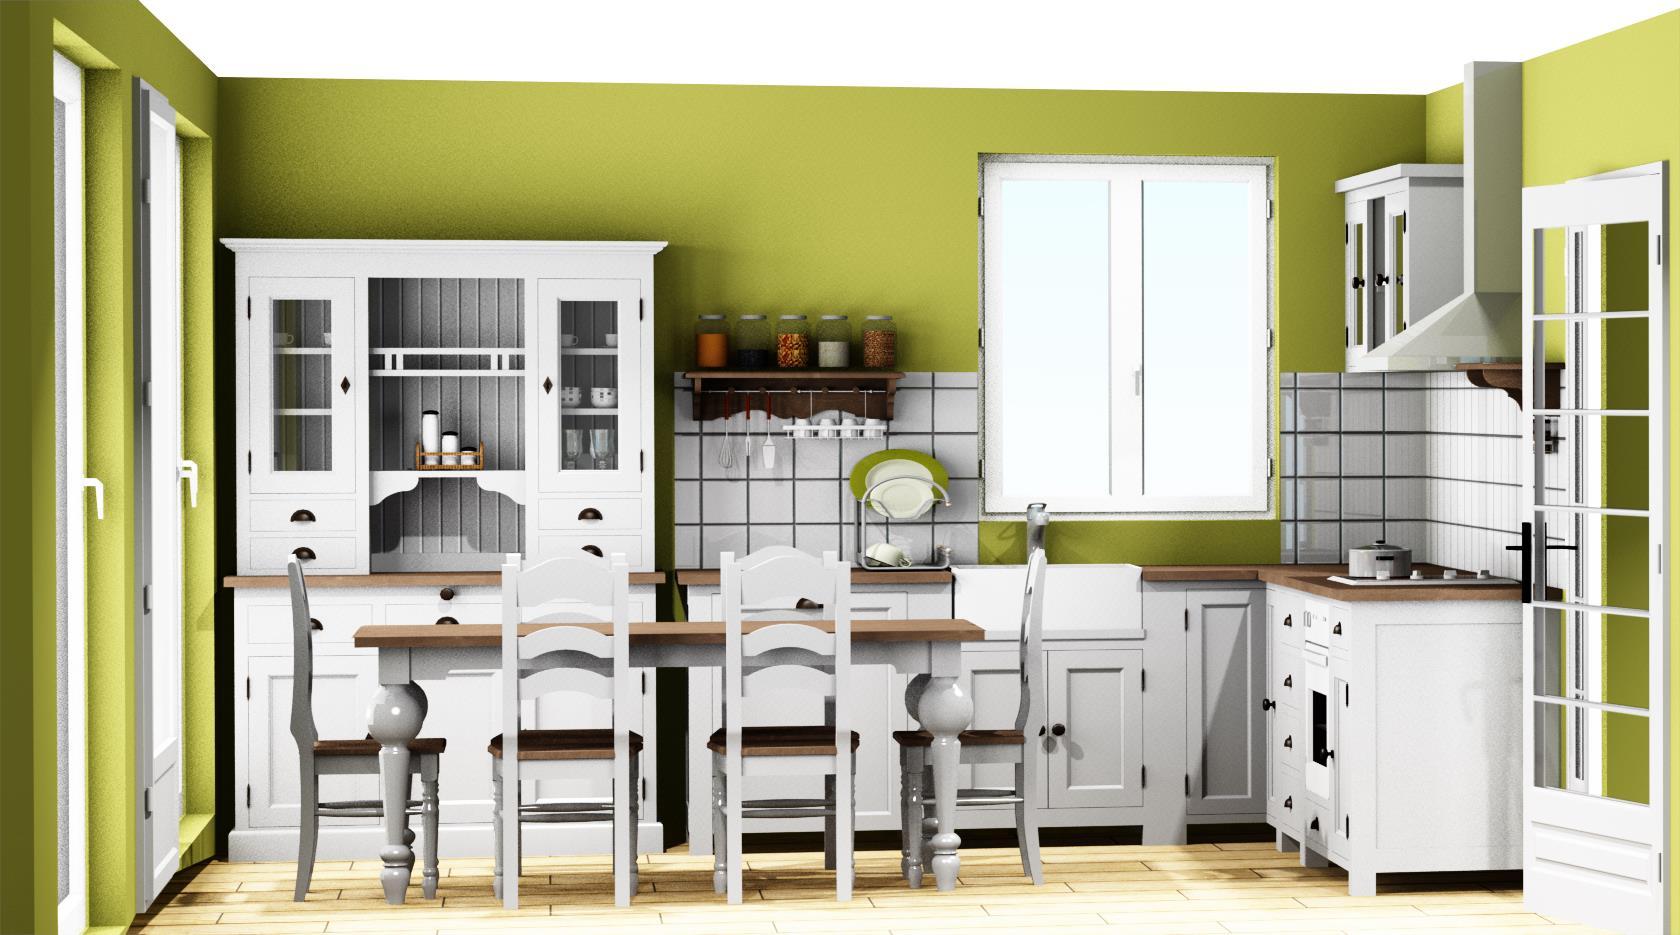 projet cuisine 3d good voici un projet d en tude une cuisine totalement dcloisonne pour faire. Black Bedroom Furniture Sets. Home Design Ideas